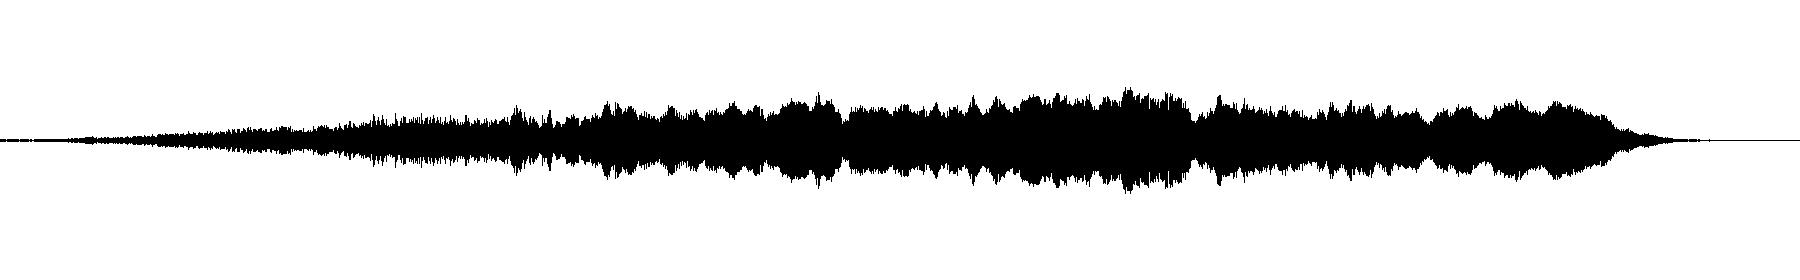 str glissoct 02 xs